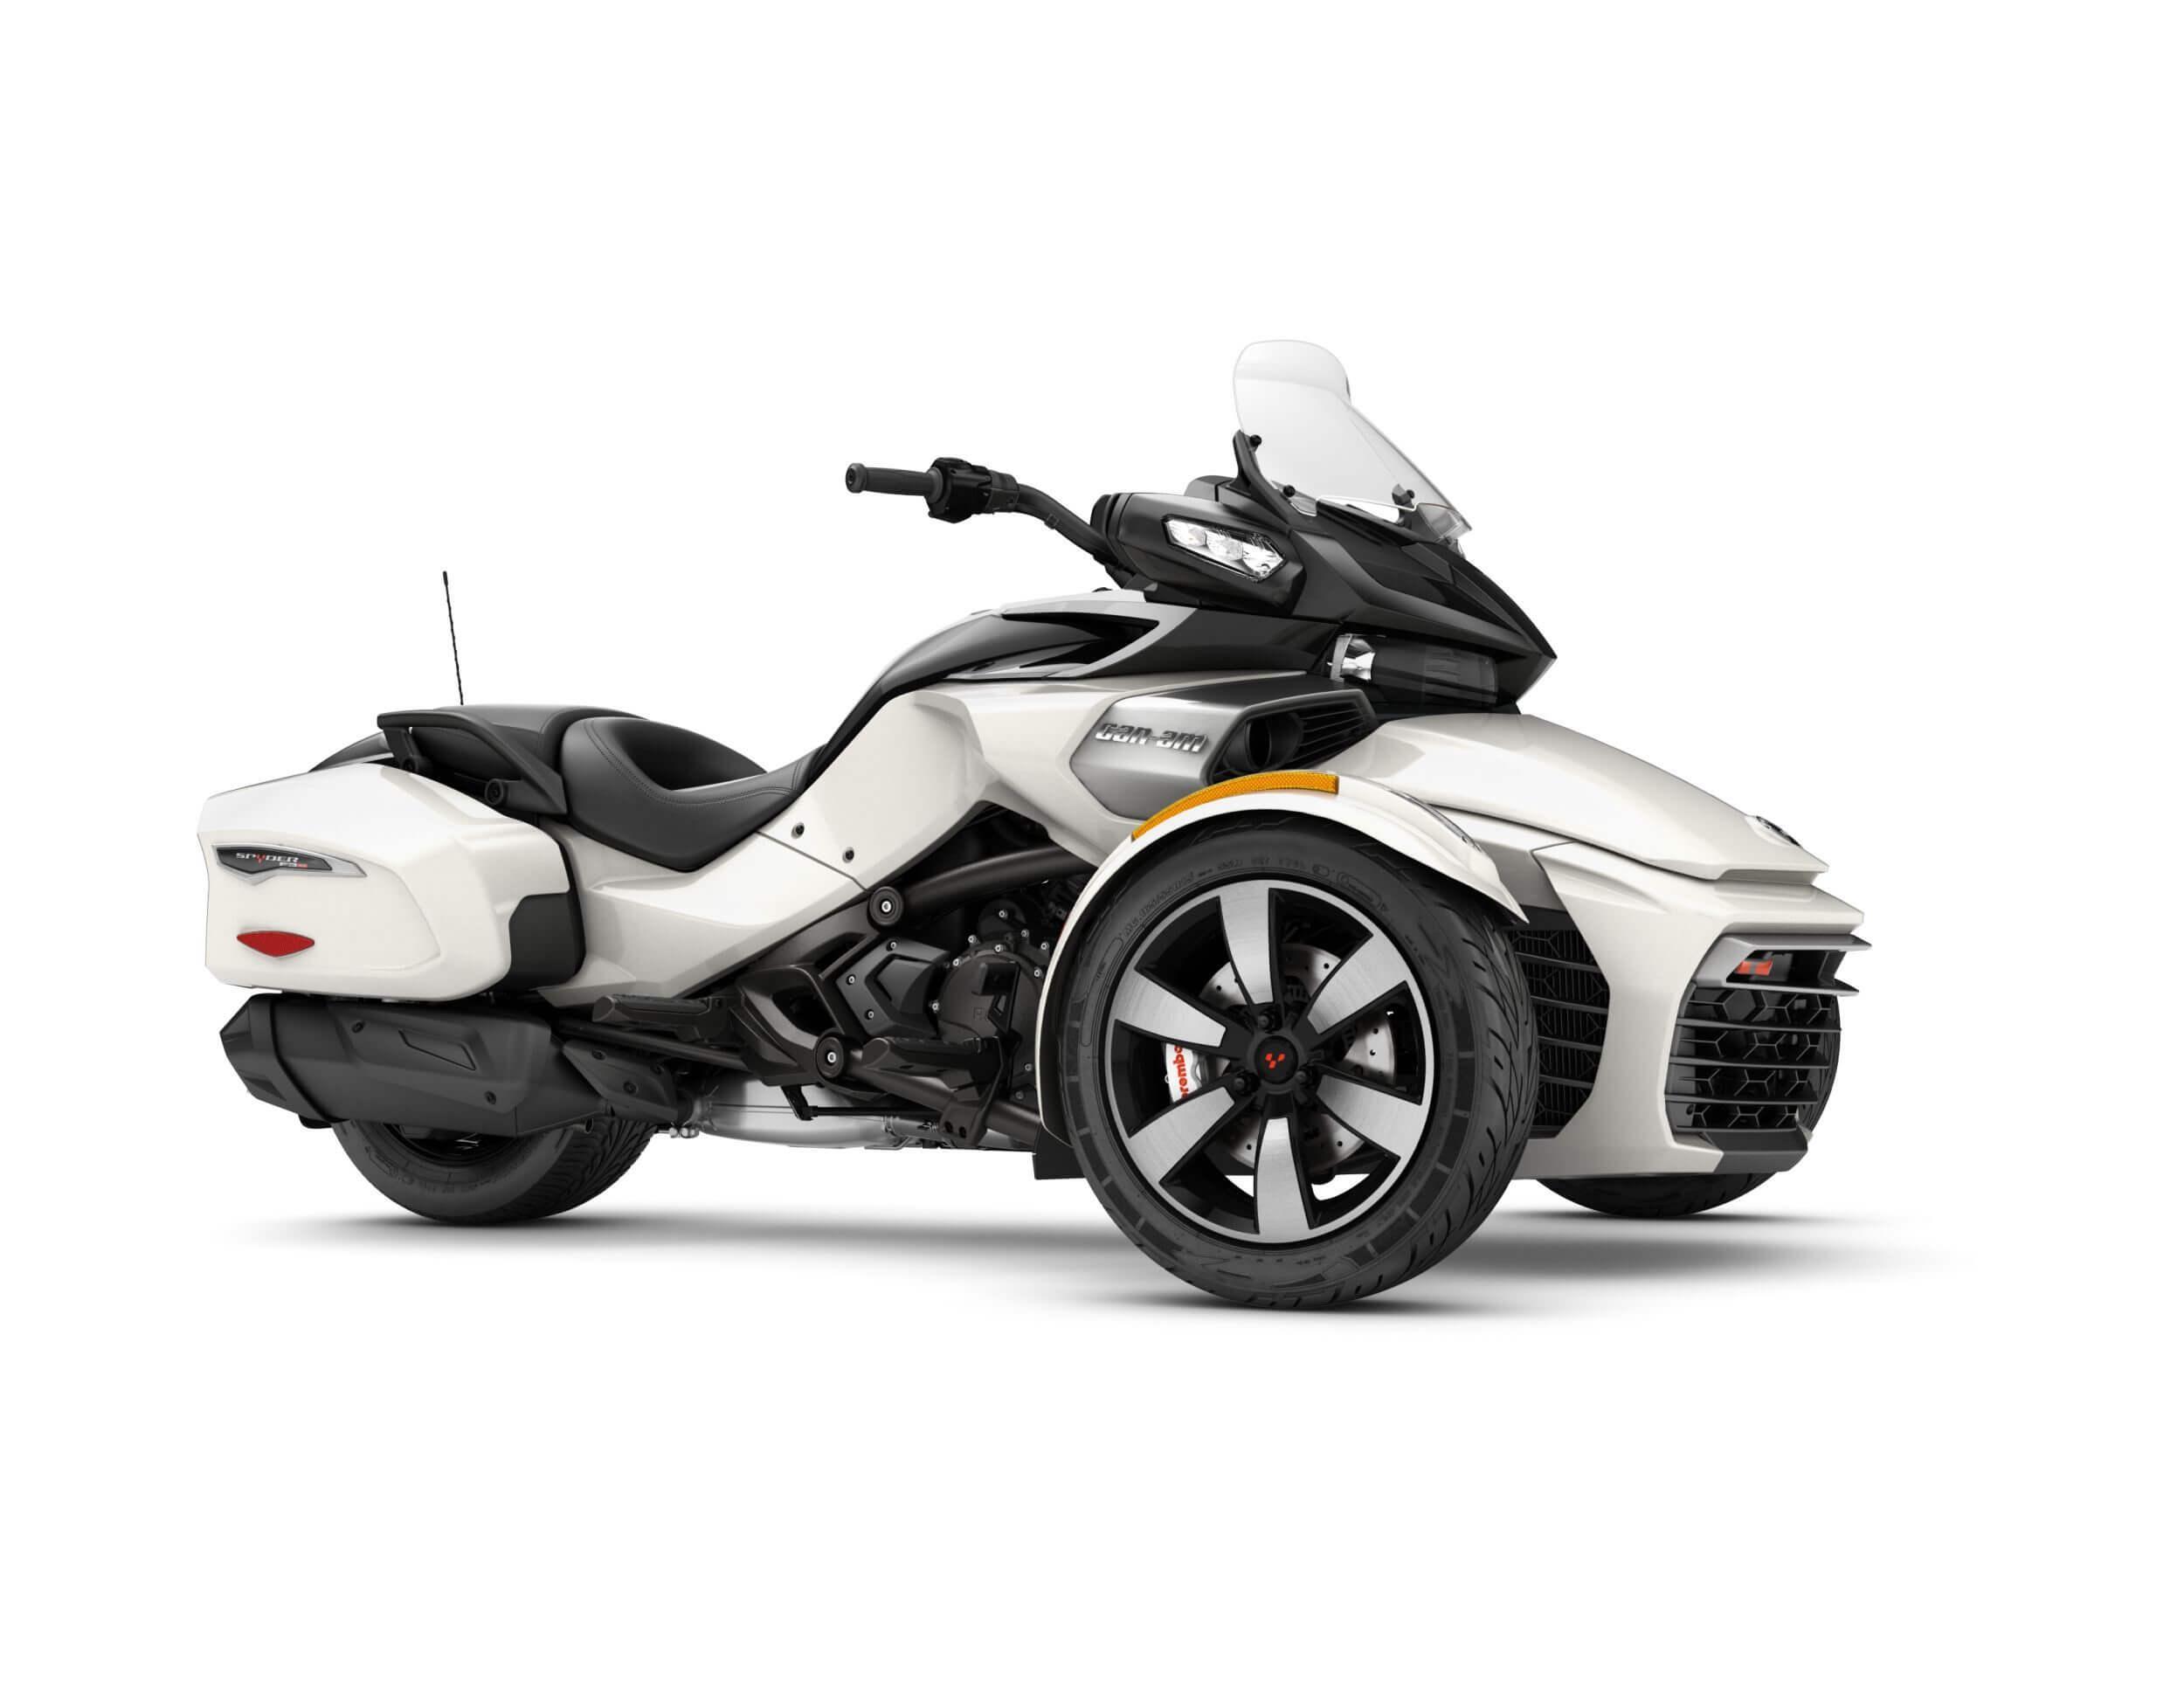 Gebrauchte Can-Am Spyder F3-T Motorräder kaufen